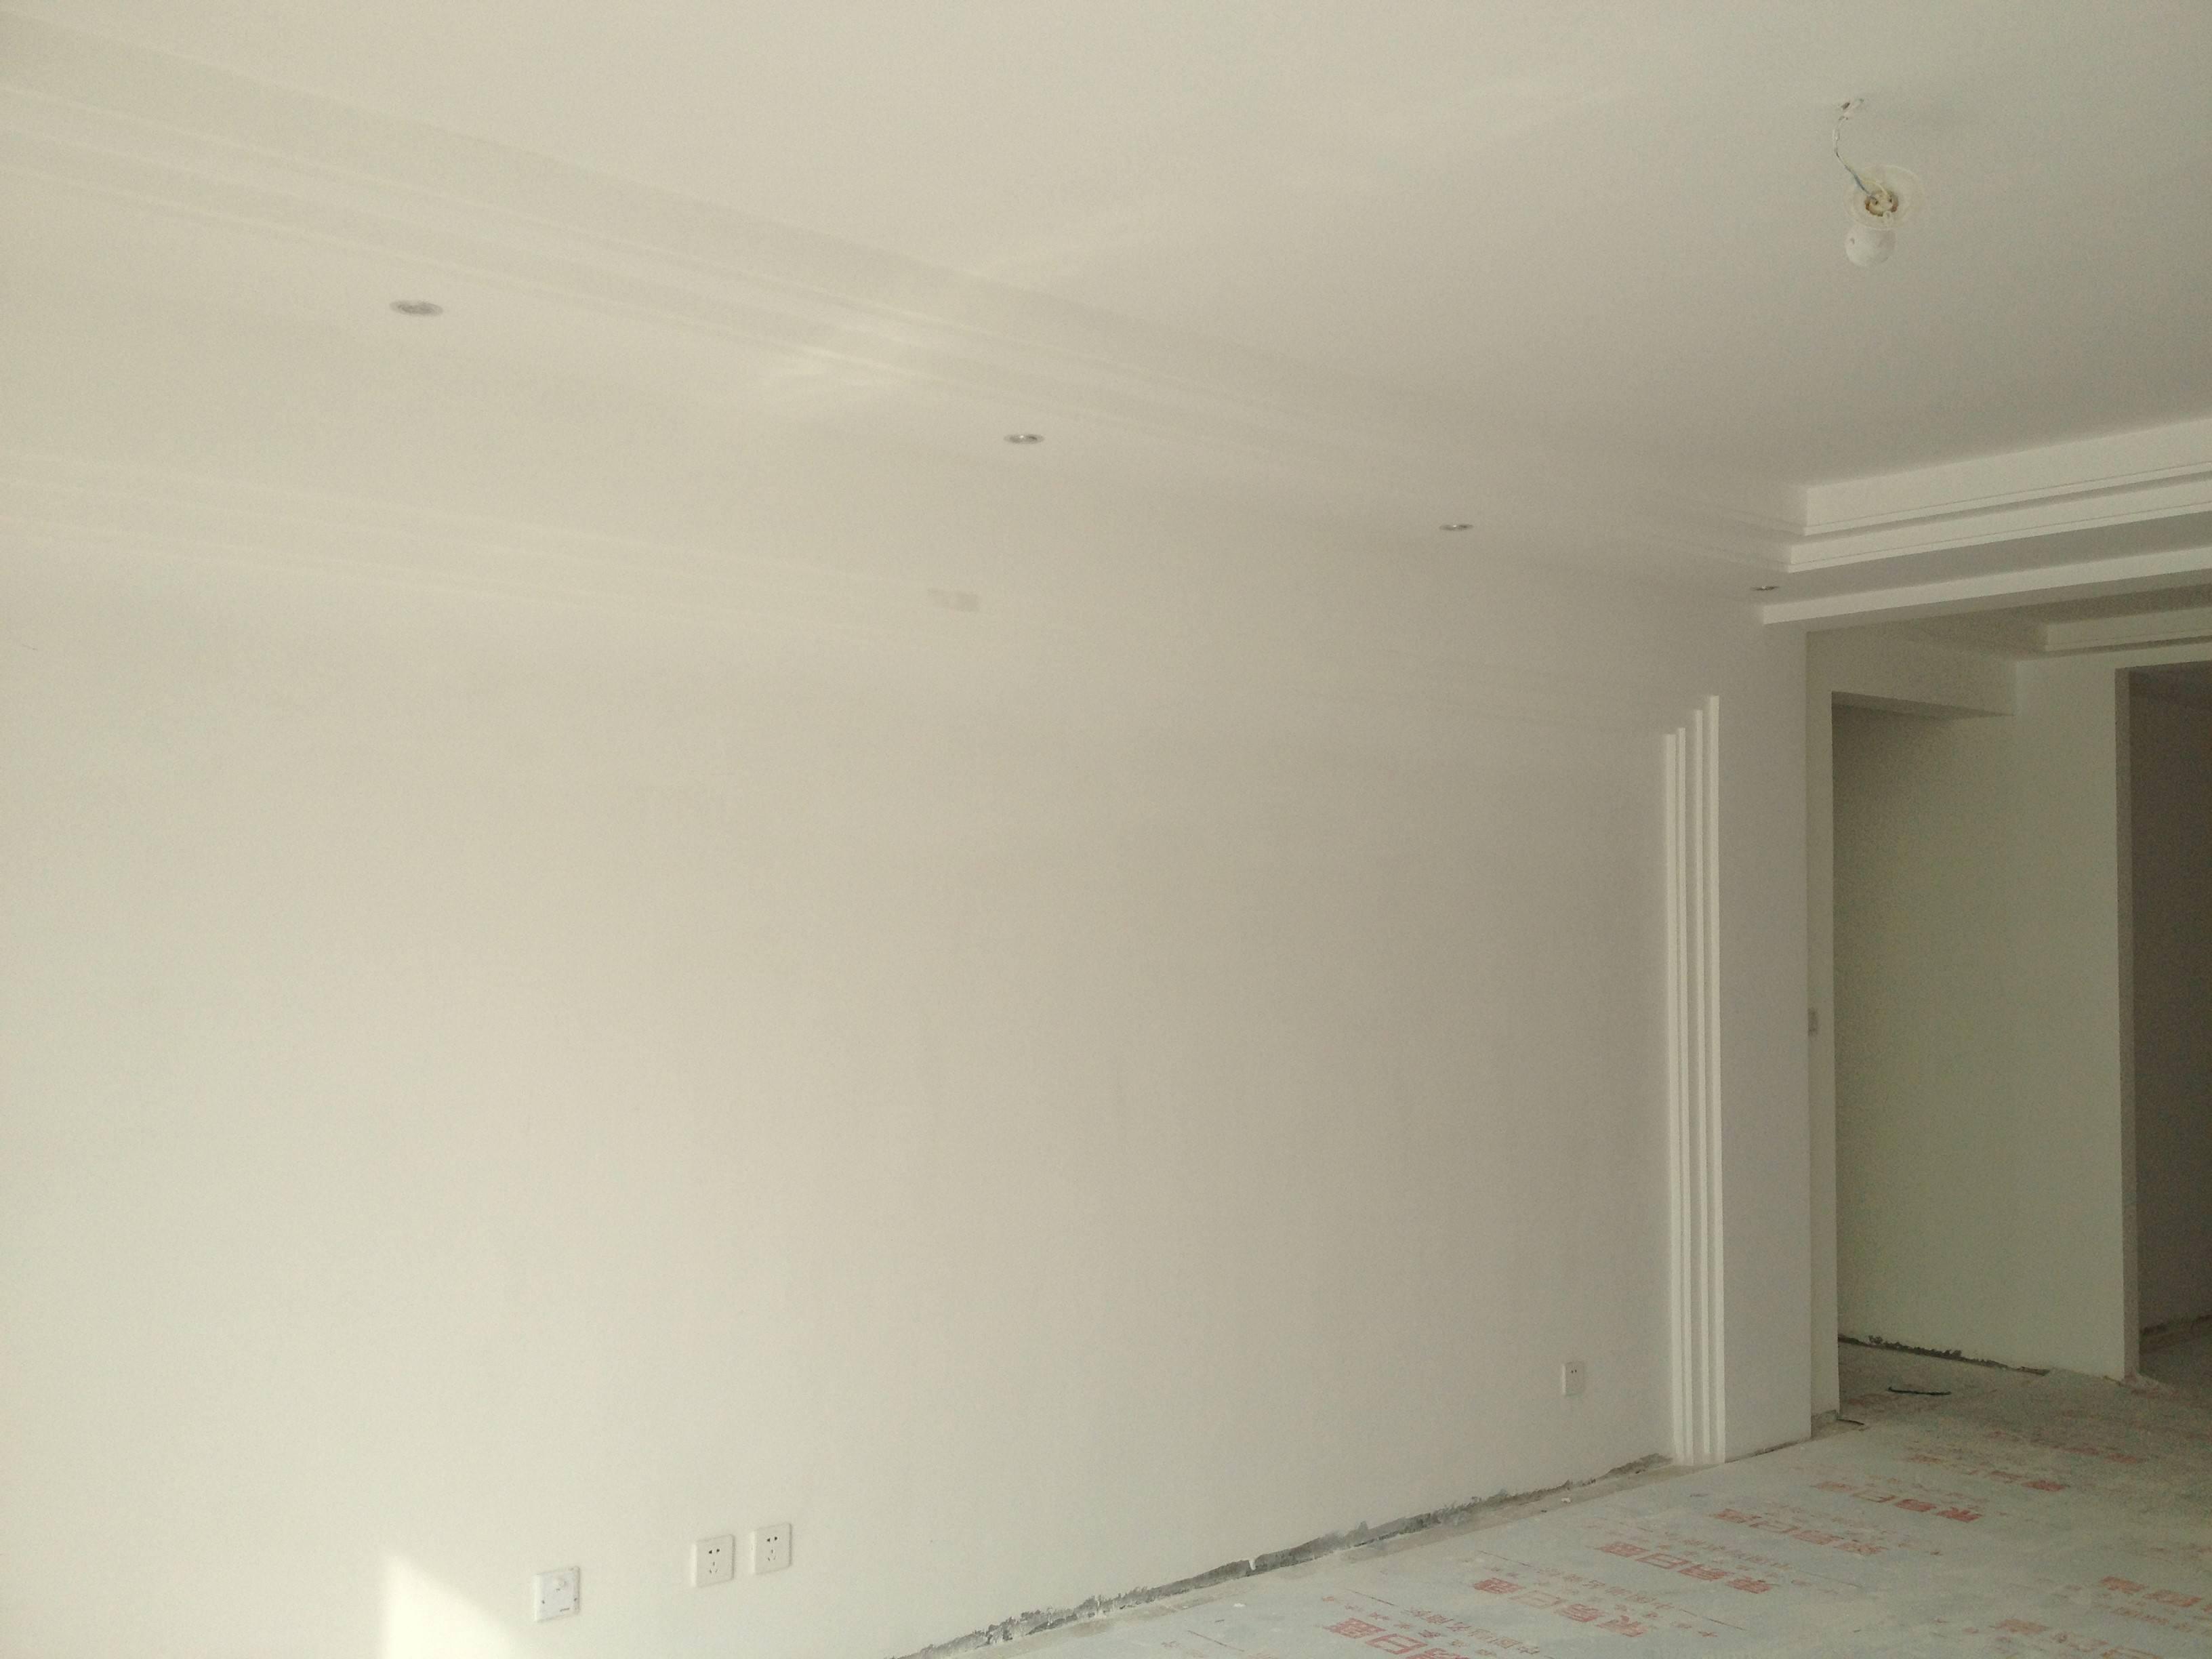 壁纸和乳胶漆 装修时该怎么选?